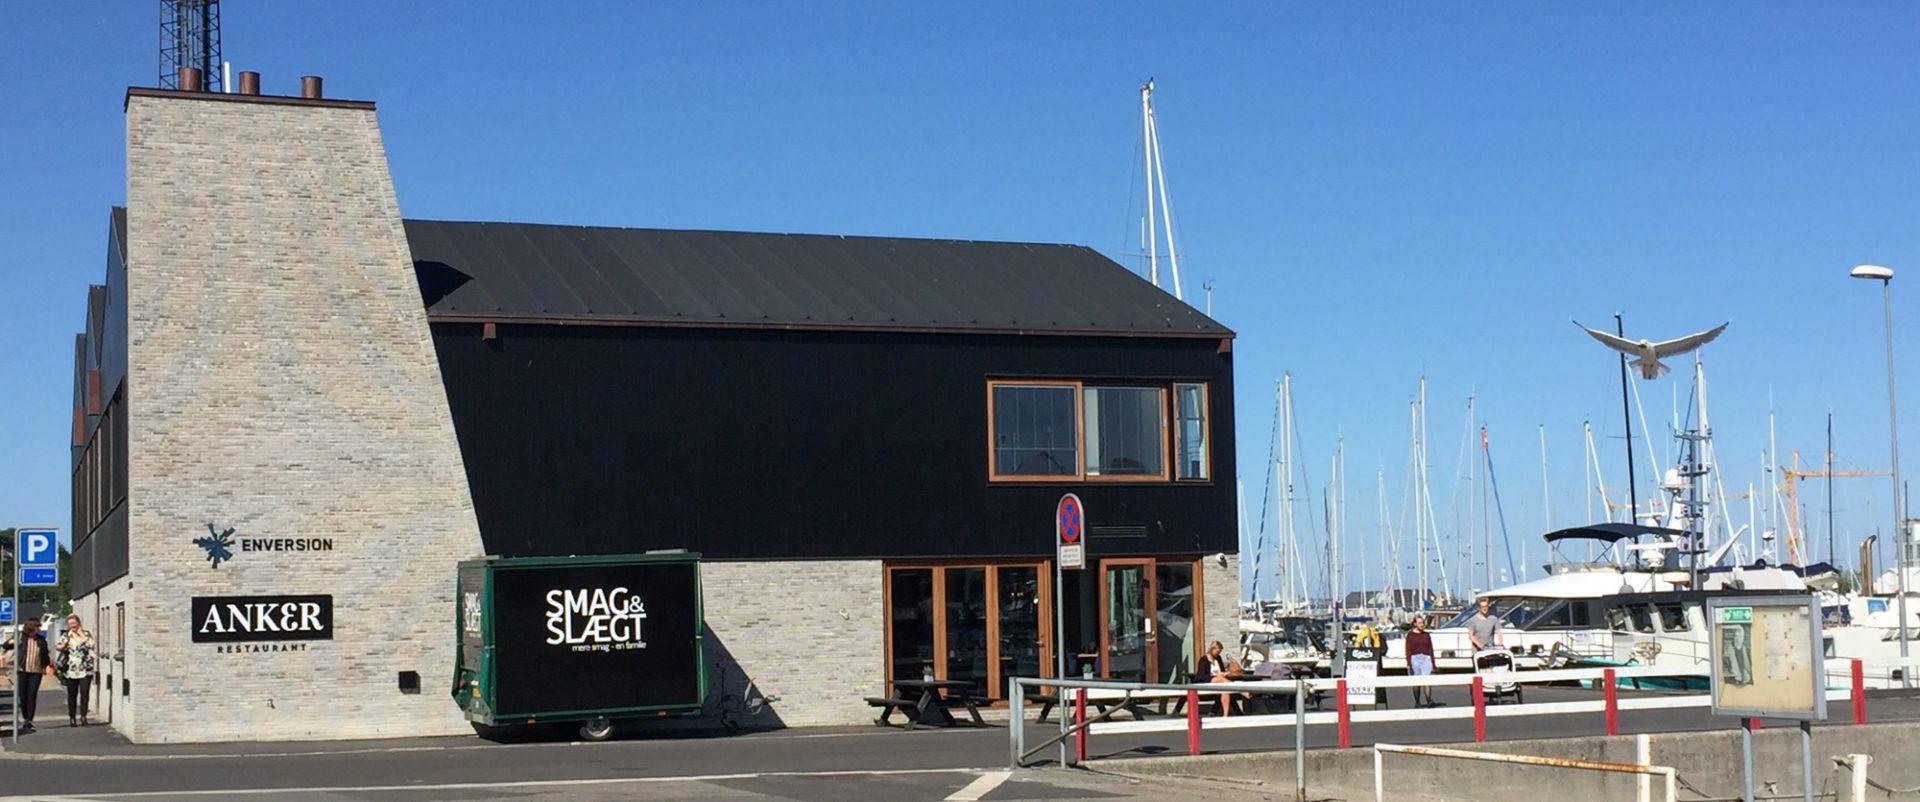 Friske fisk: Fem fiskerestauranter i Aarhus C